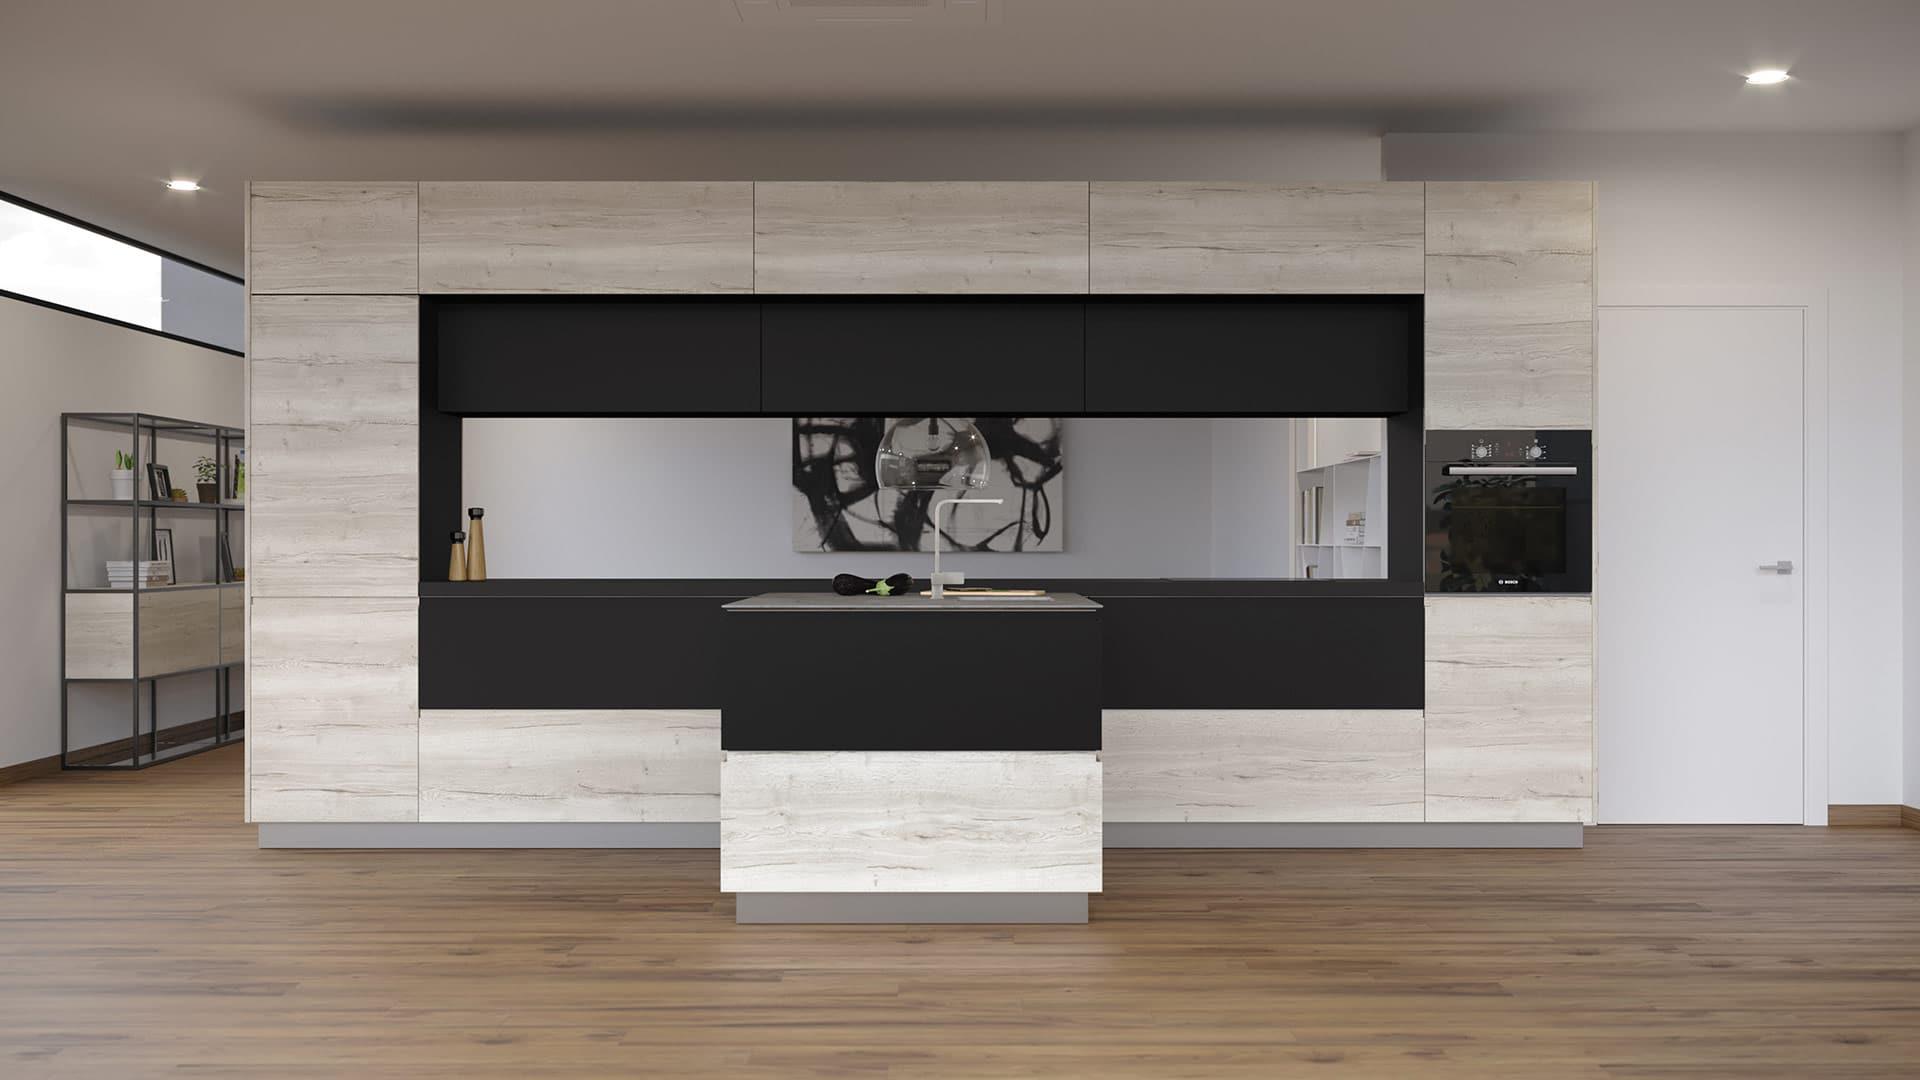 Ambiente de cocina con modelo Fussion en Laminado Syncro Olmo blanco y Laminado Matt + Grafito